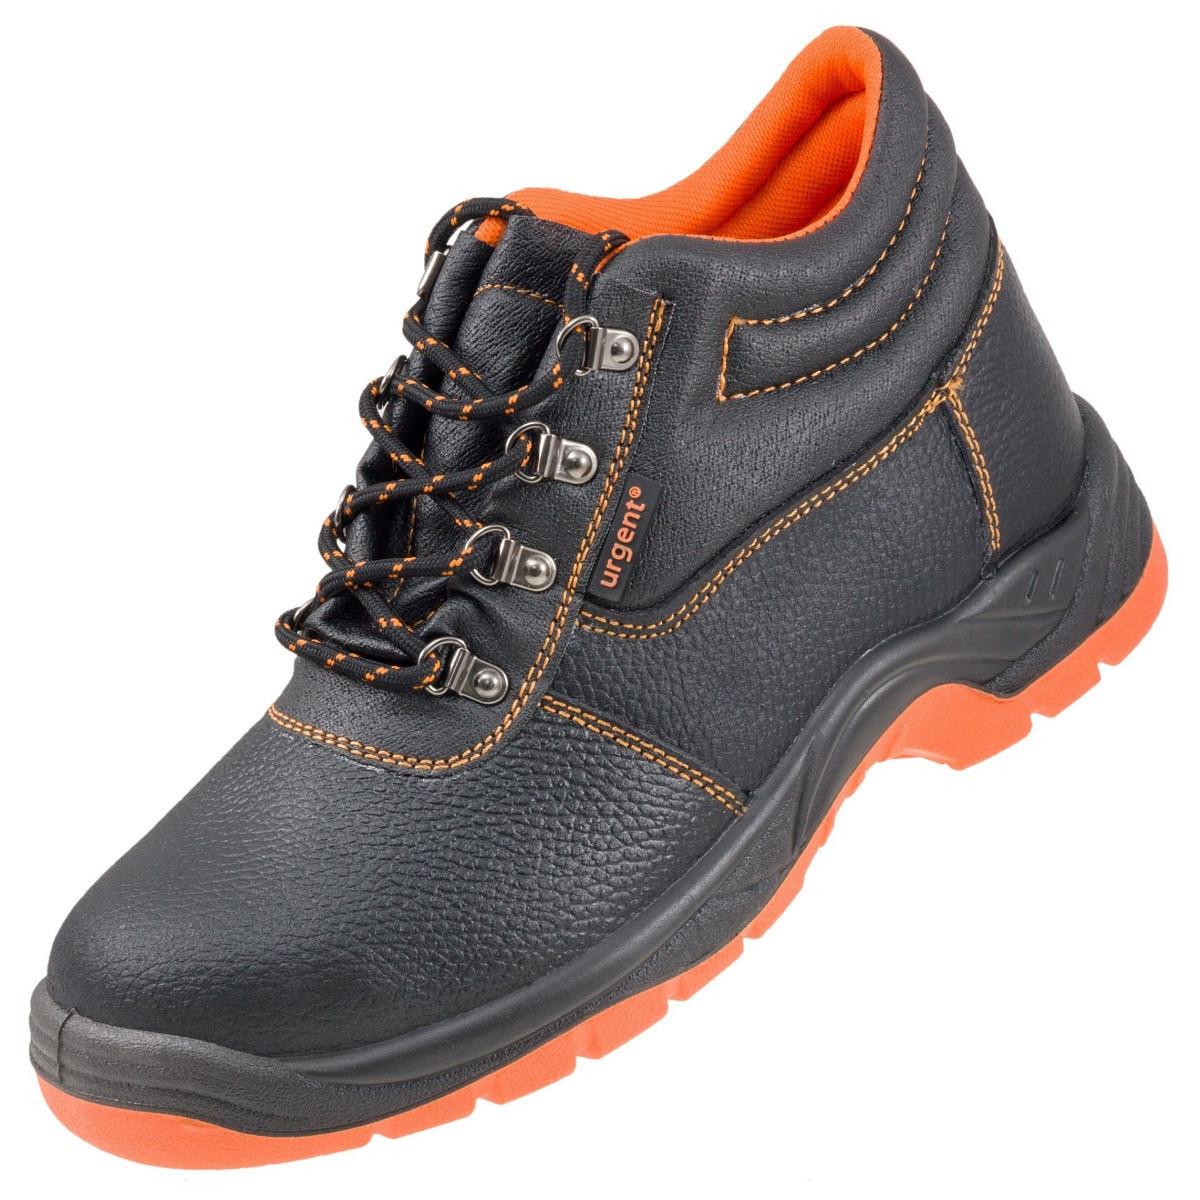 Ботинки 101 S3 из кожи буйвола, антипрокольная подошва,металлический носок. URGENT (POLAND)